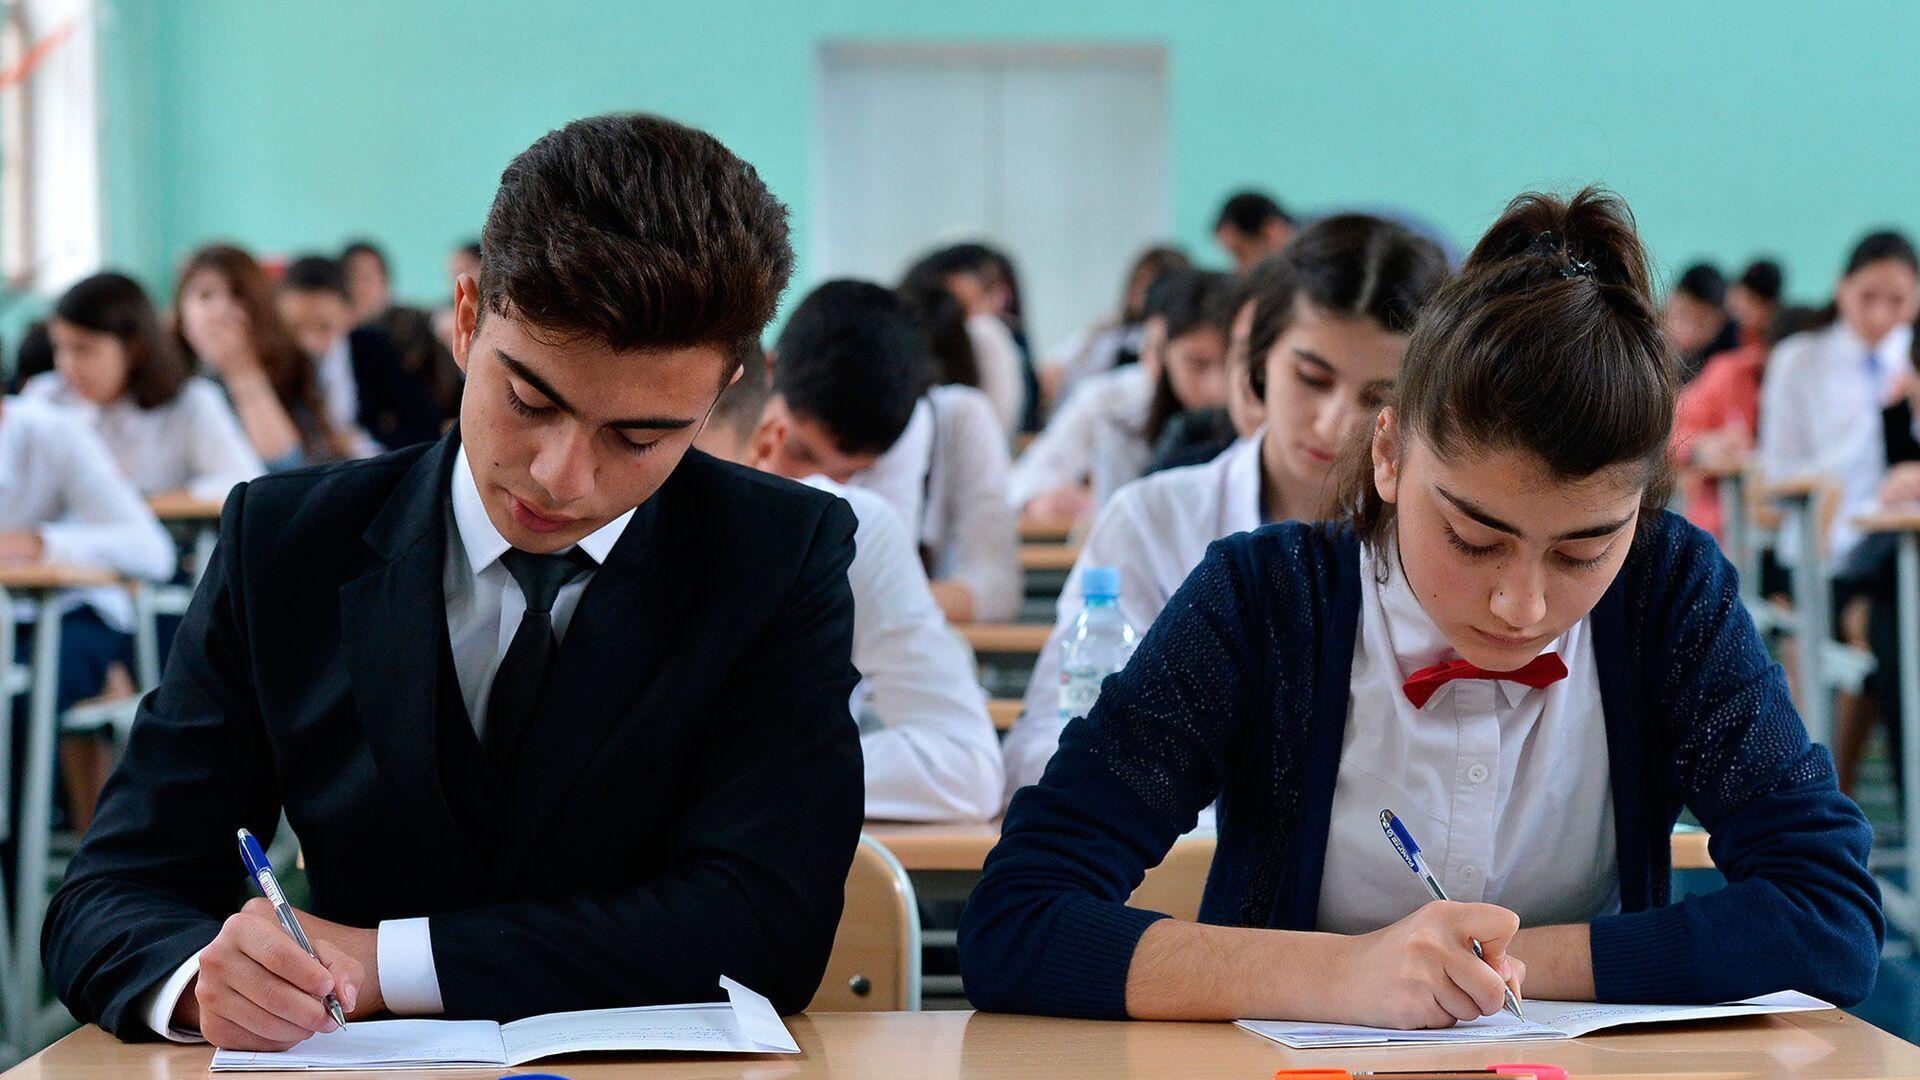 В одной из бакинских школ, фото из архива - Sputnik Азербайджан, 1920, 07.05.2021